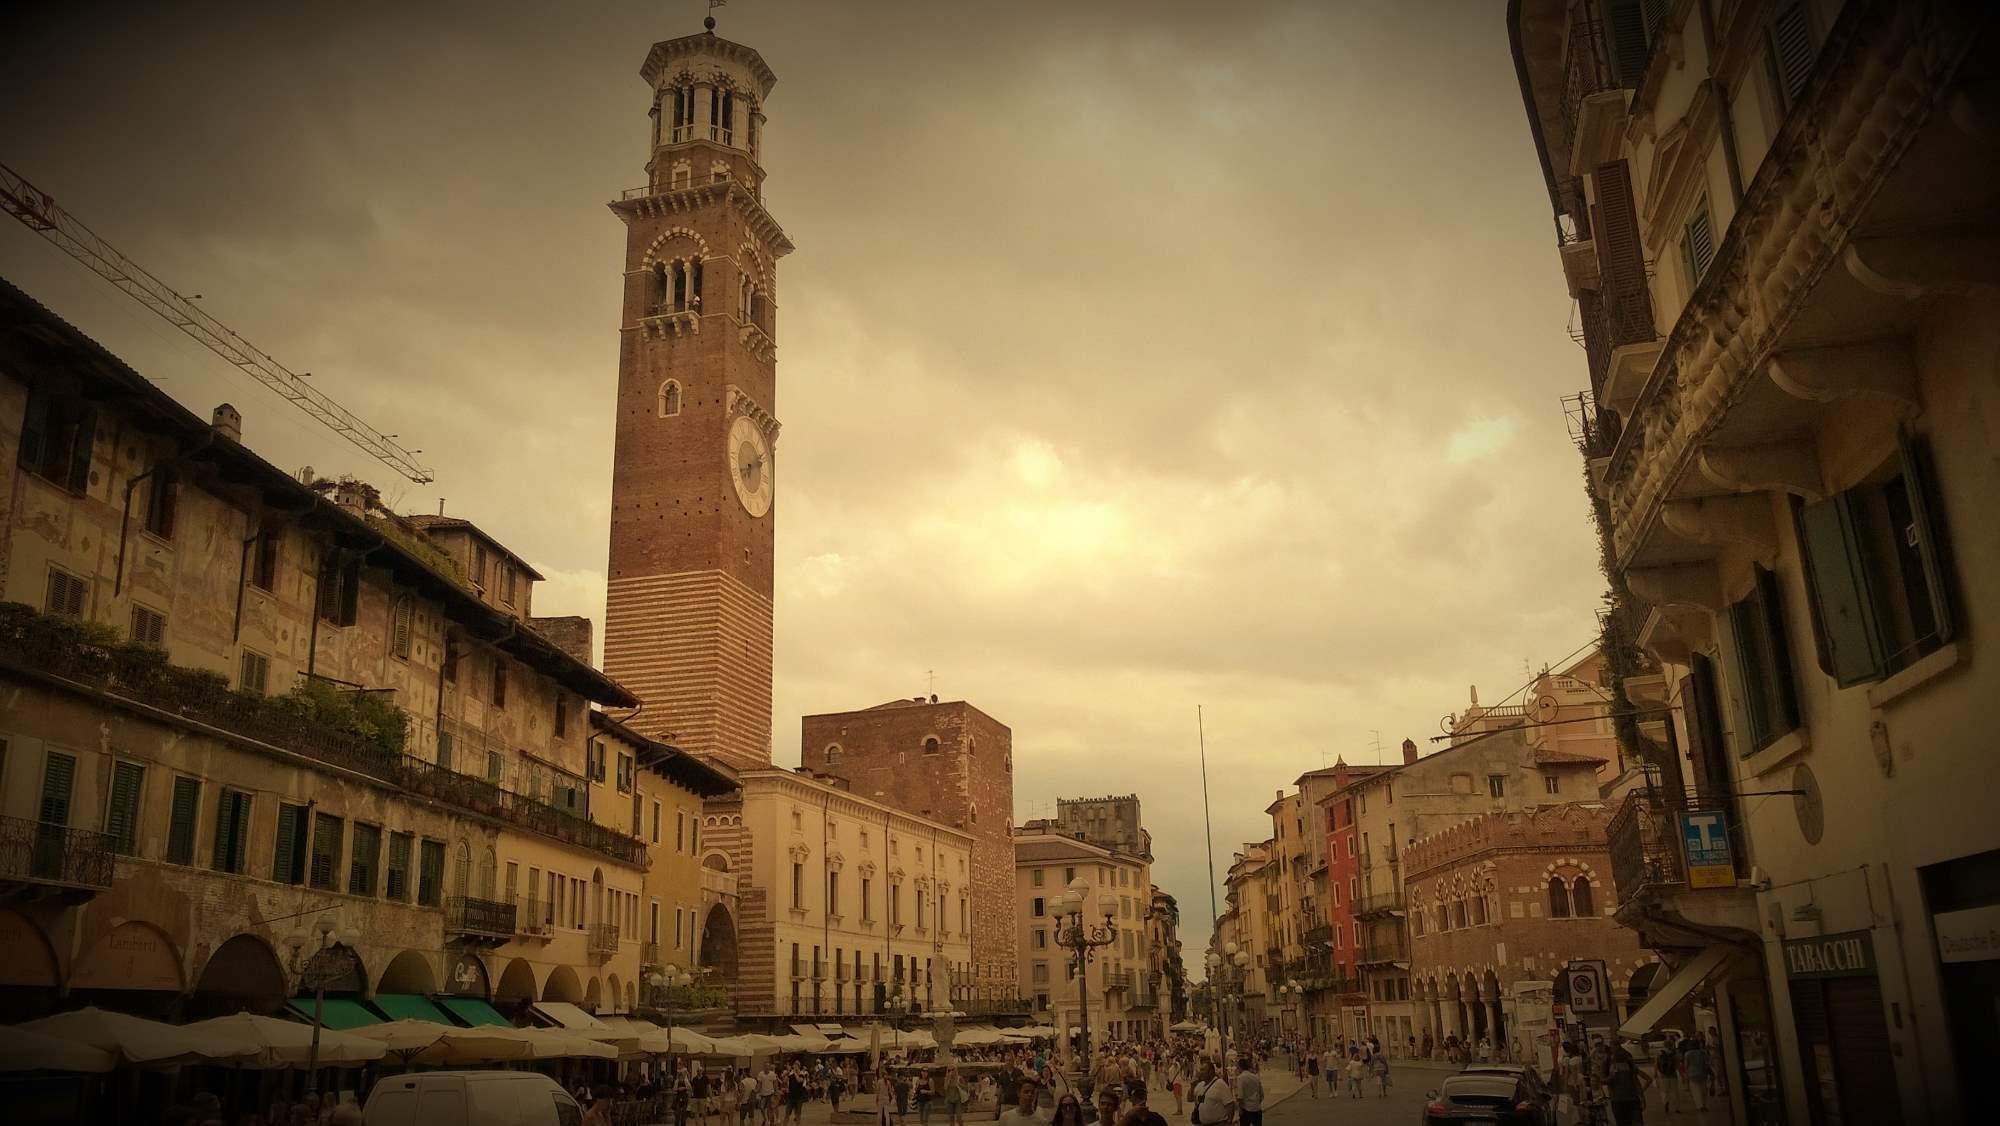 http://img22.rajce.idnes.cz/d2201/13/13110/13110056_85ca4ba35a019d03533c343bf615fafa/images/Verona.jpg